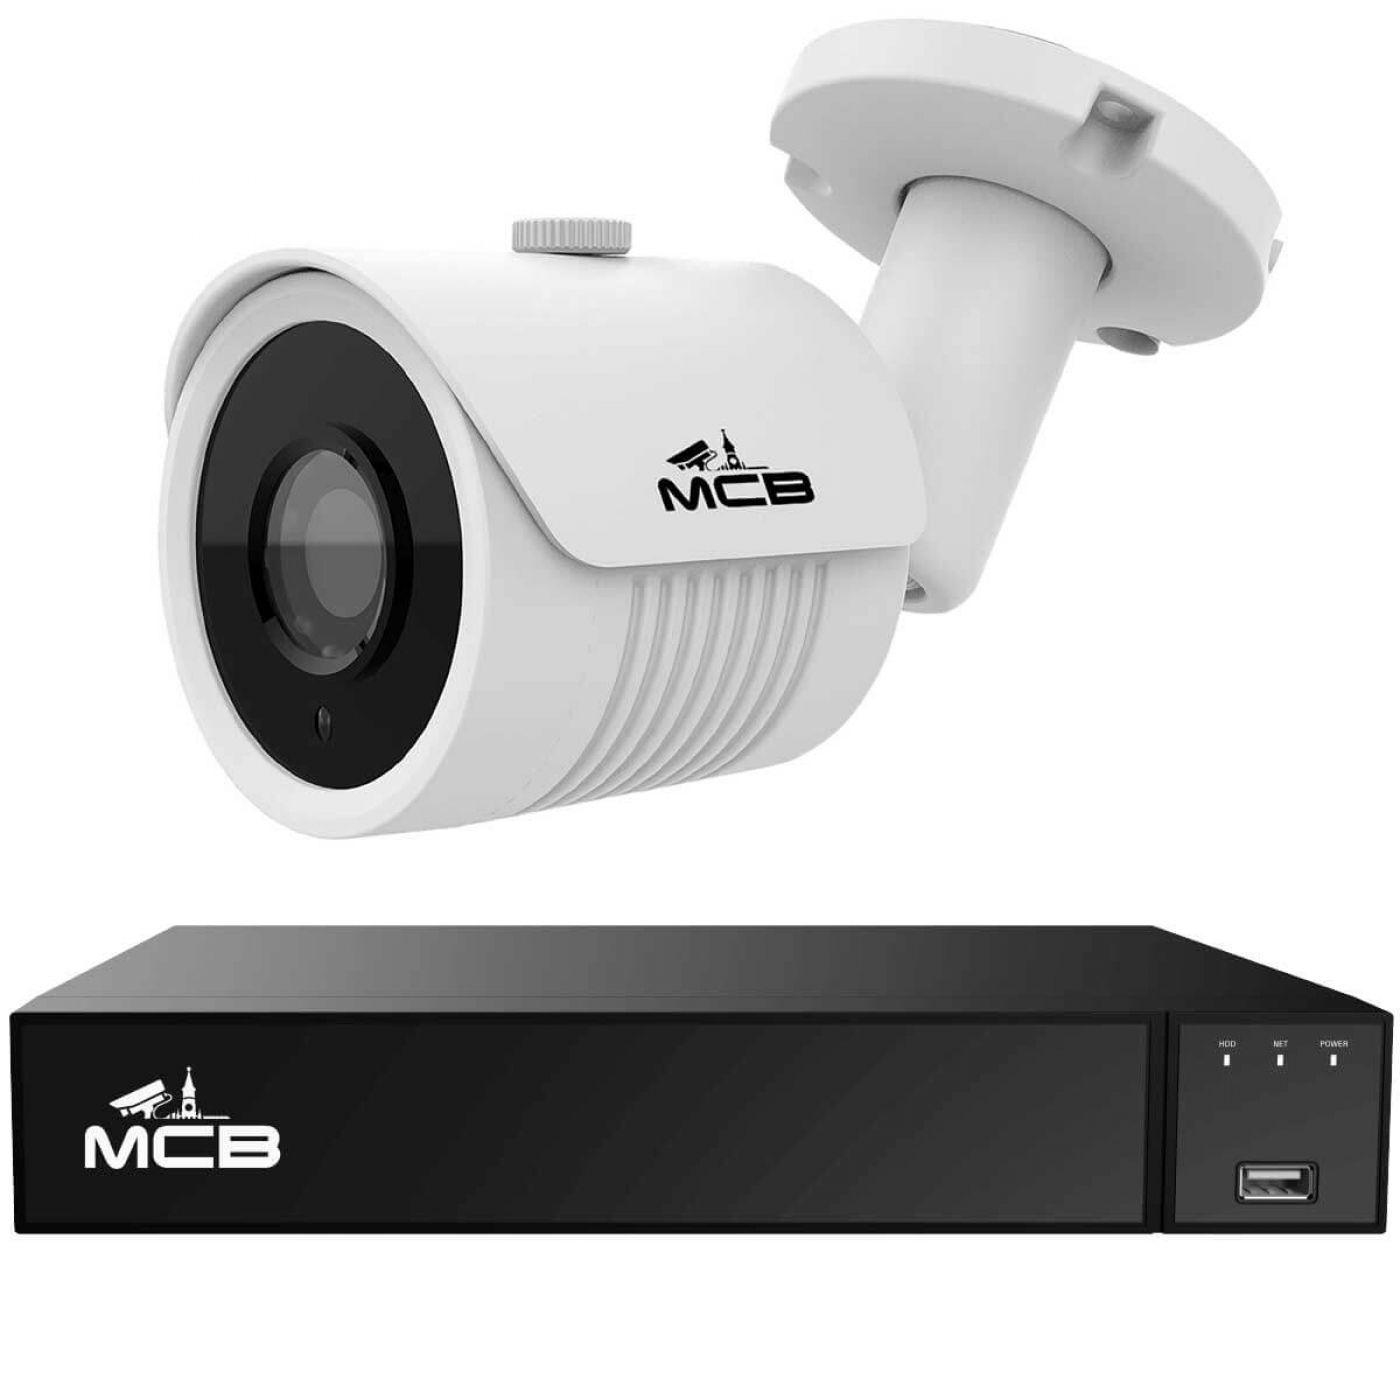 IP комплект видеонаблюдения на 1 камеру 5 Мегапикселей